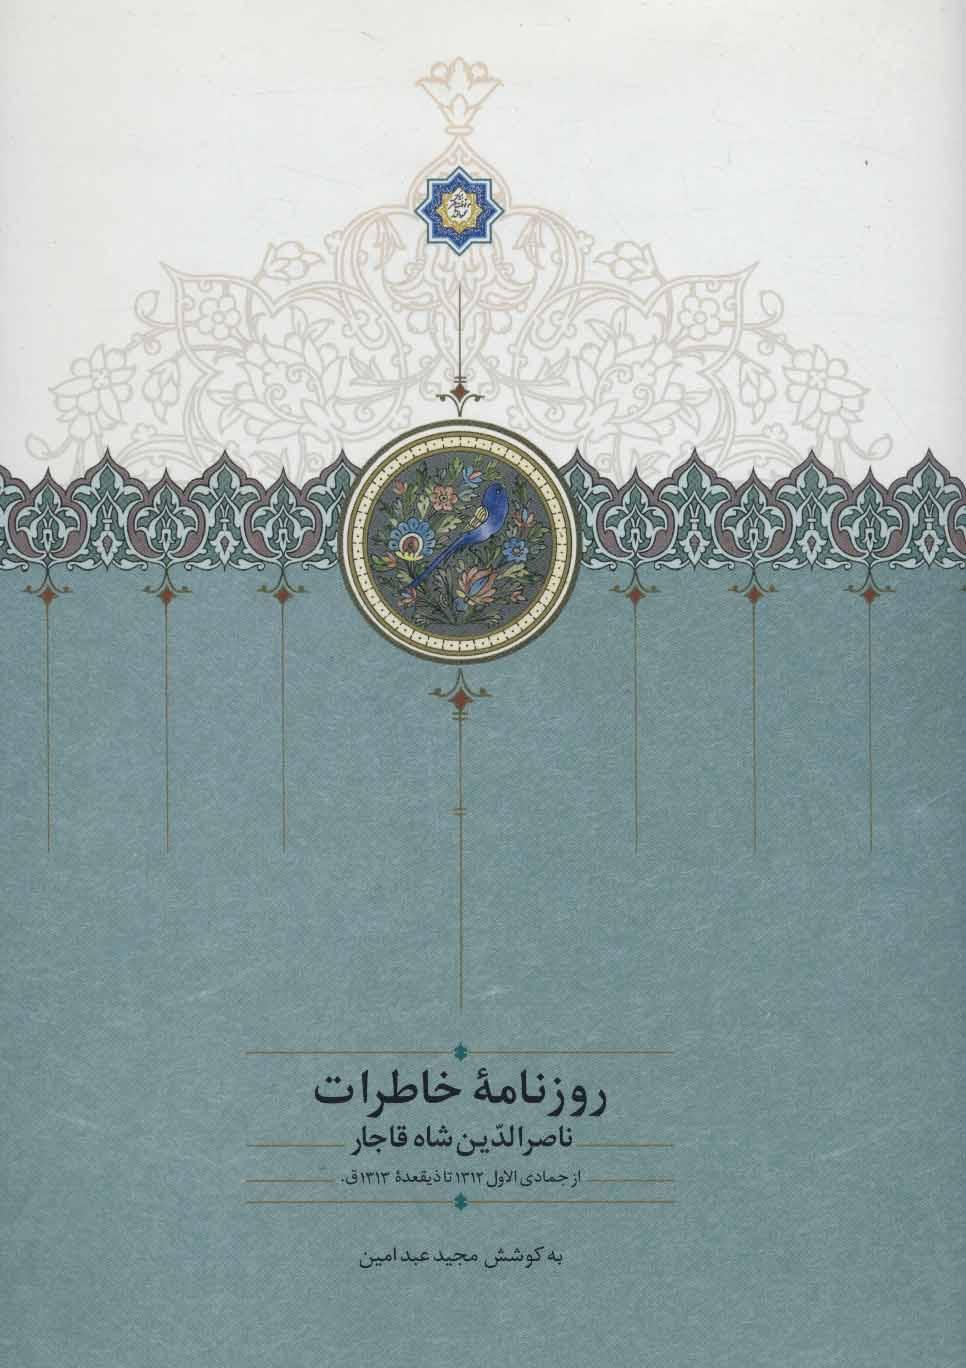 روزنامه خاطرات ناصرالدین شاه قاجار (از جمادی الاول 1312 تا ذیقعده 1313ق)